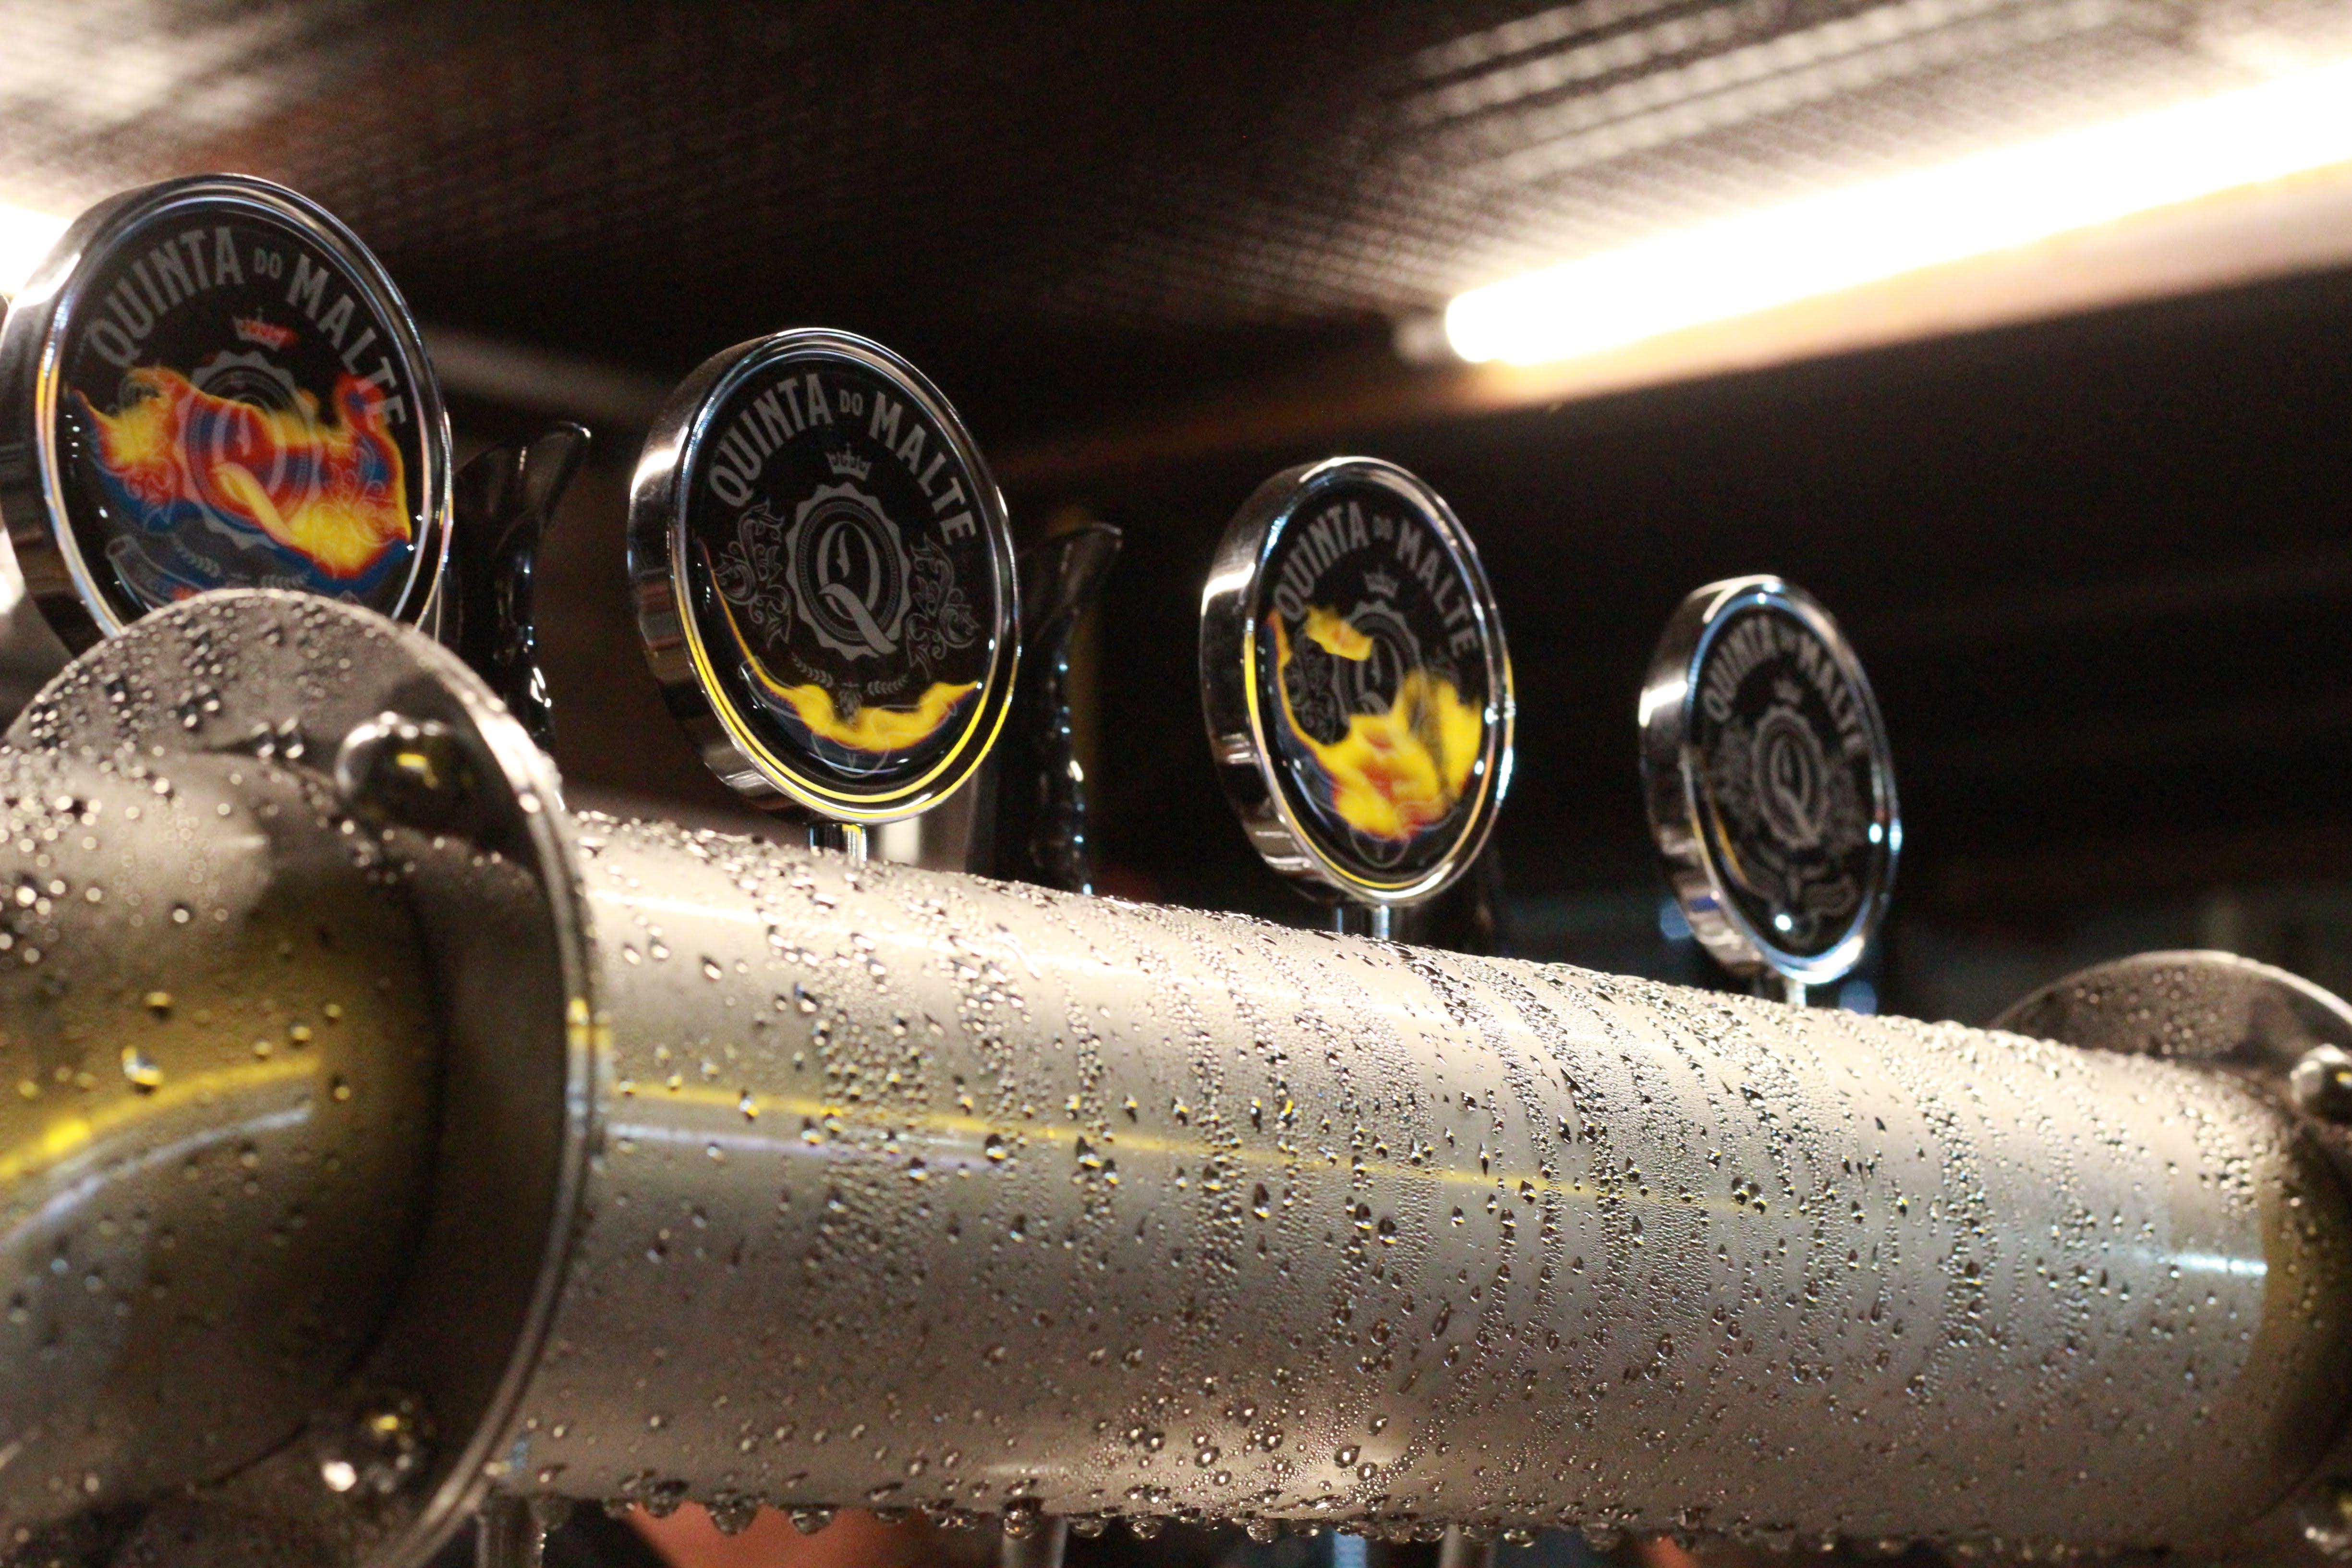 Cervejaria artesanal Quinta do Malte comemora 10 anos com lançamento de modelo de franquia